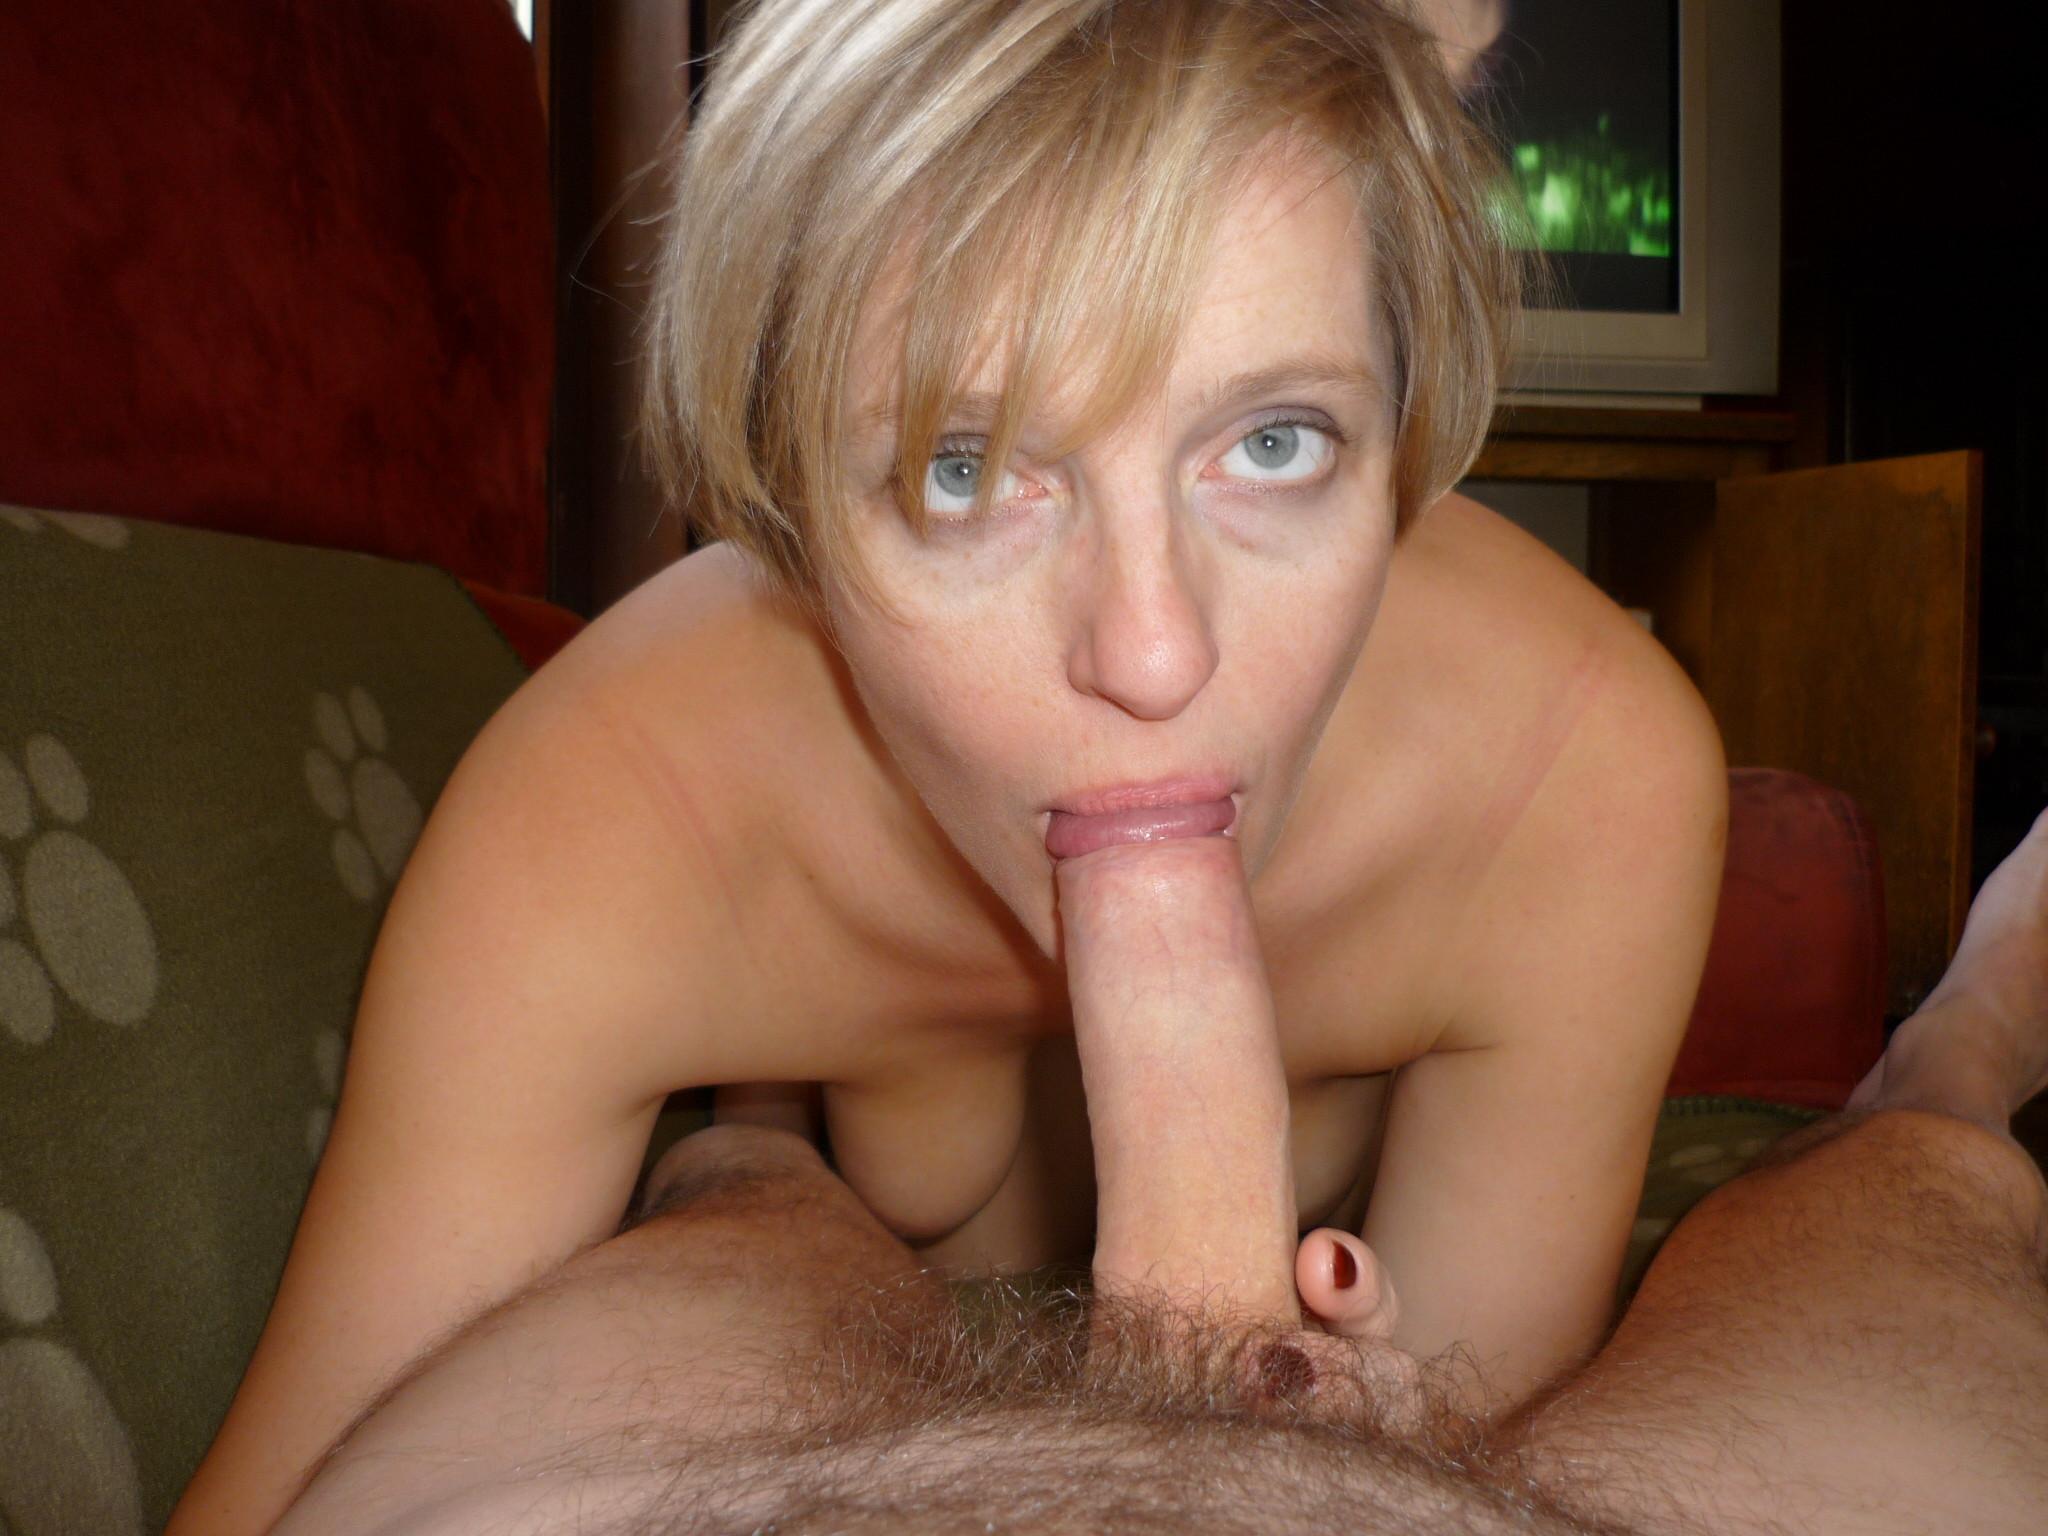 Частный зрелый минет, Порно зрелых женщин в домашних видео клипах 7 фотография